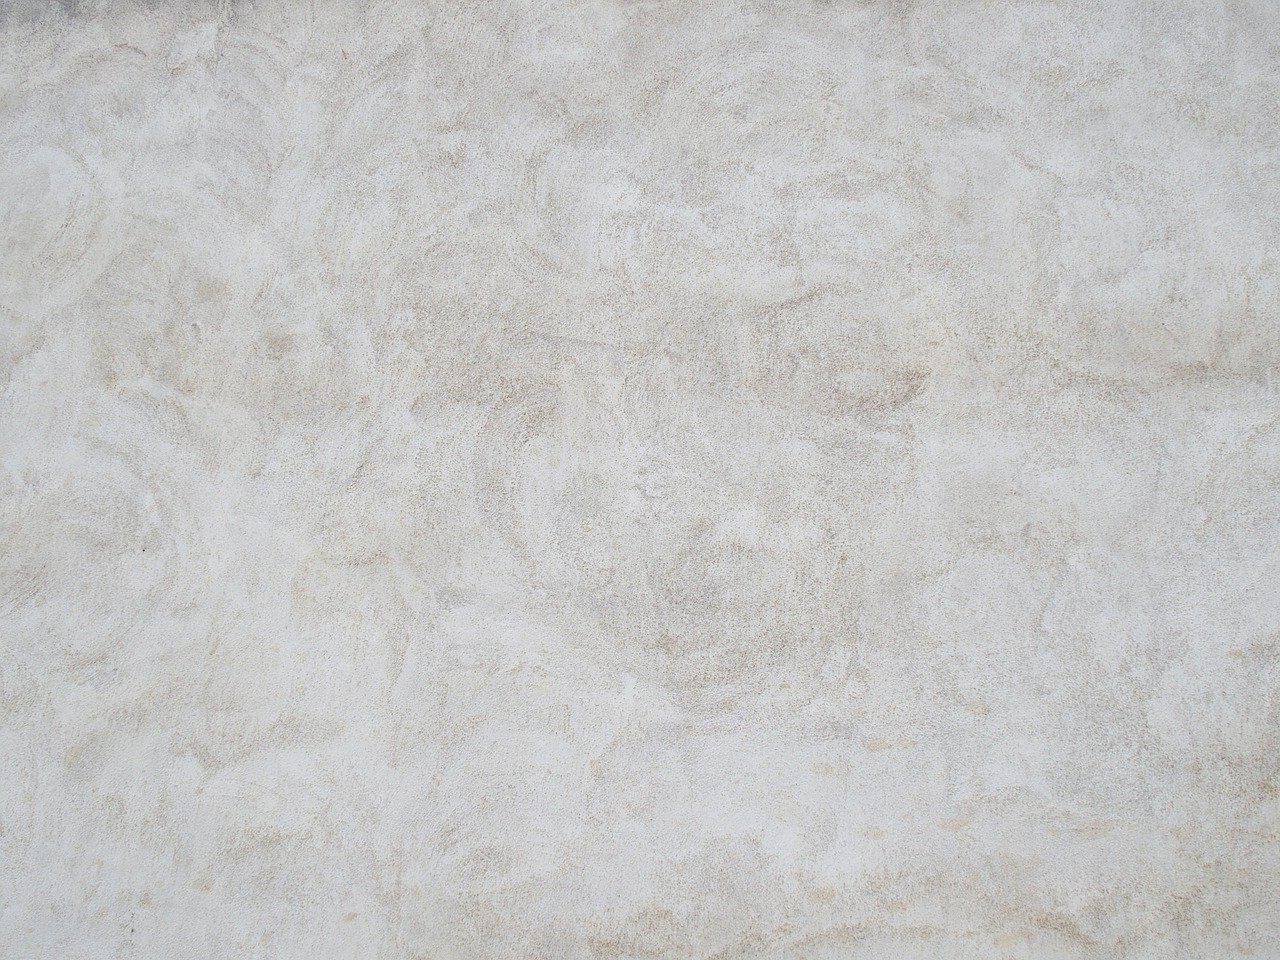 Béton désactivé à Panazol 87350   Tarif béton lavé décoratif